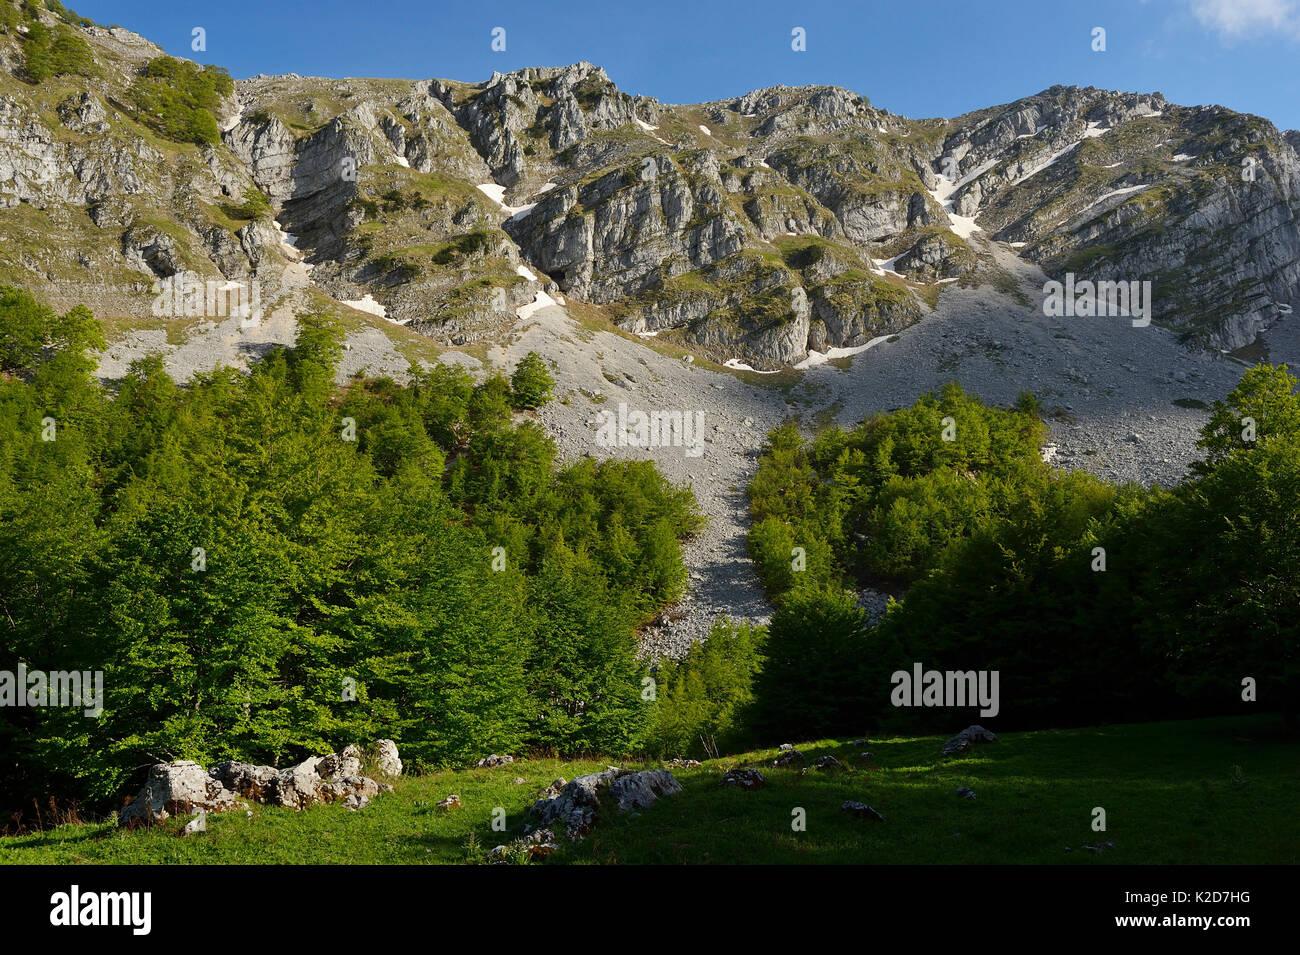 Des Apennins centrales Rewilding, Région Lazio e Molise Parc National, Abruzzes, Italie. Juin 2014. Photo Stock